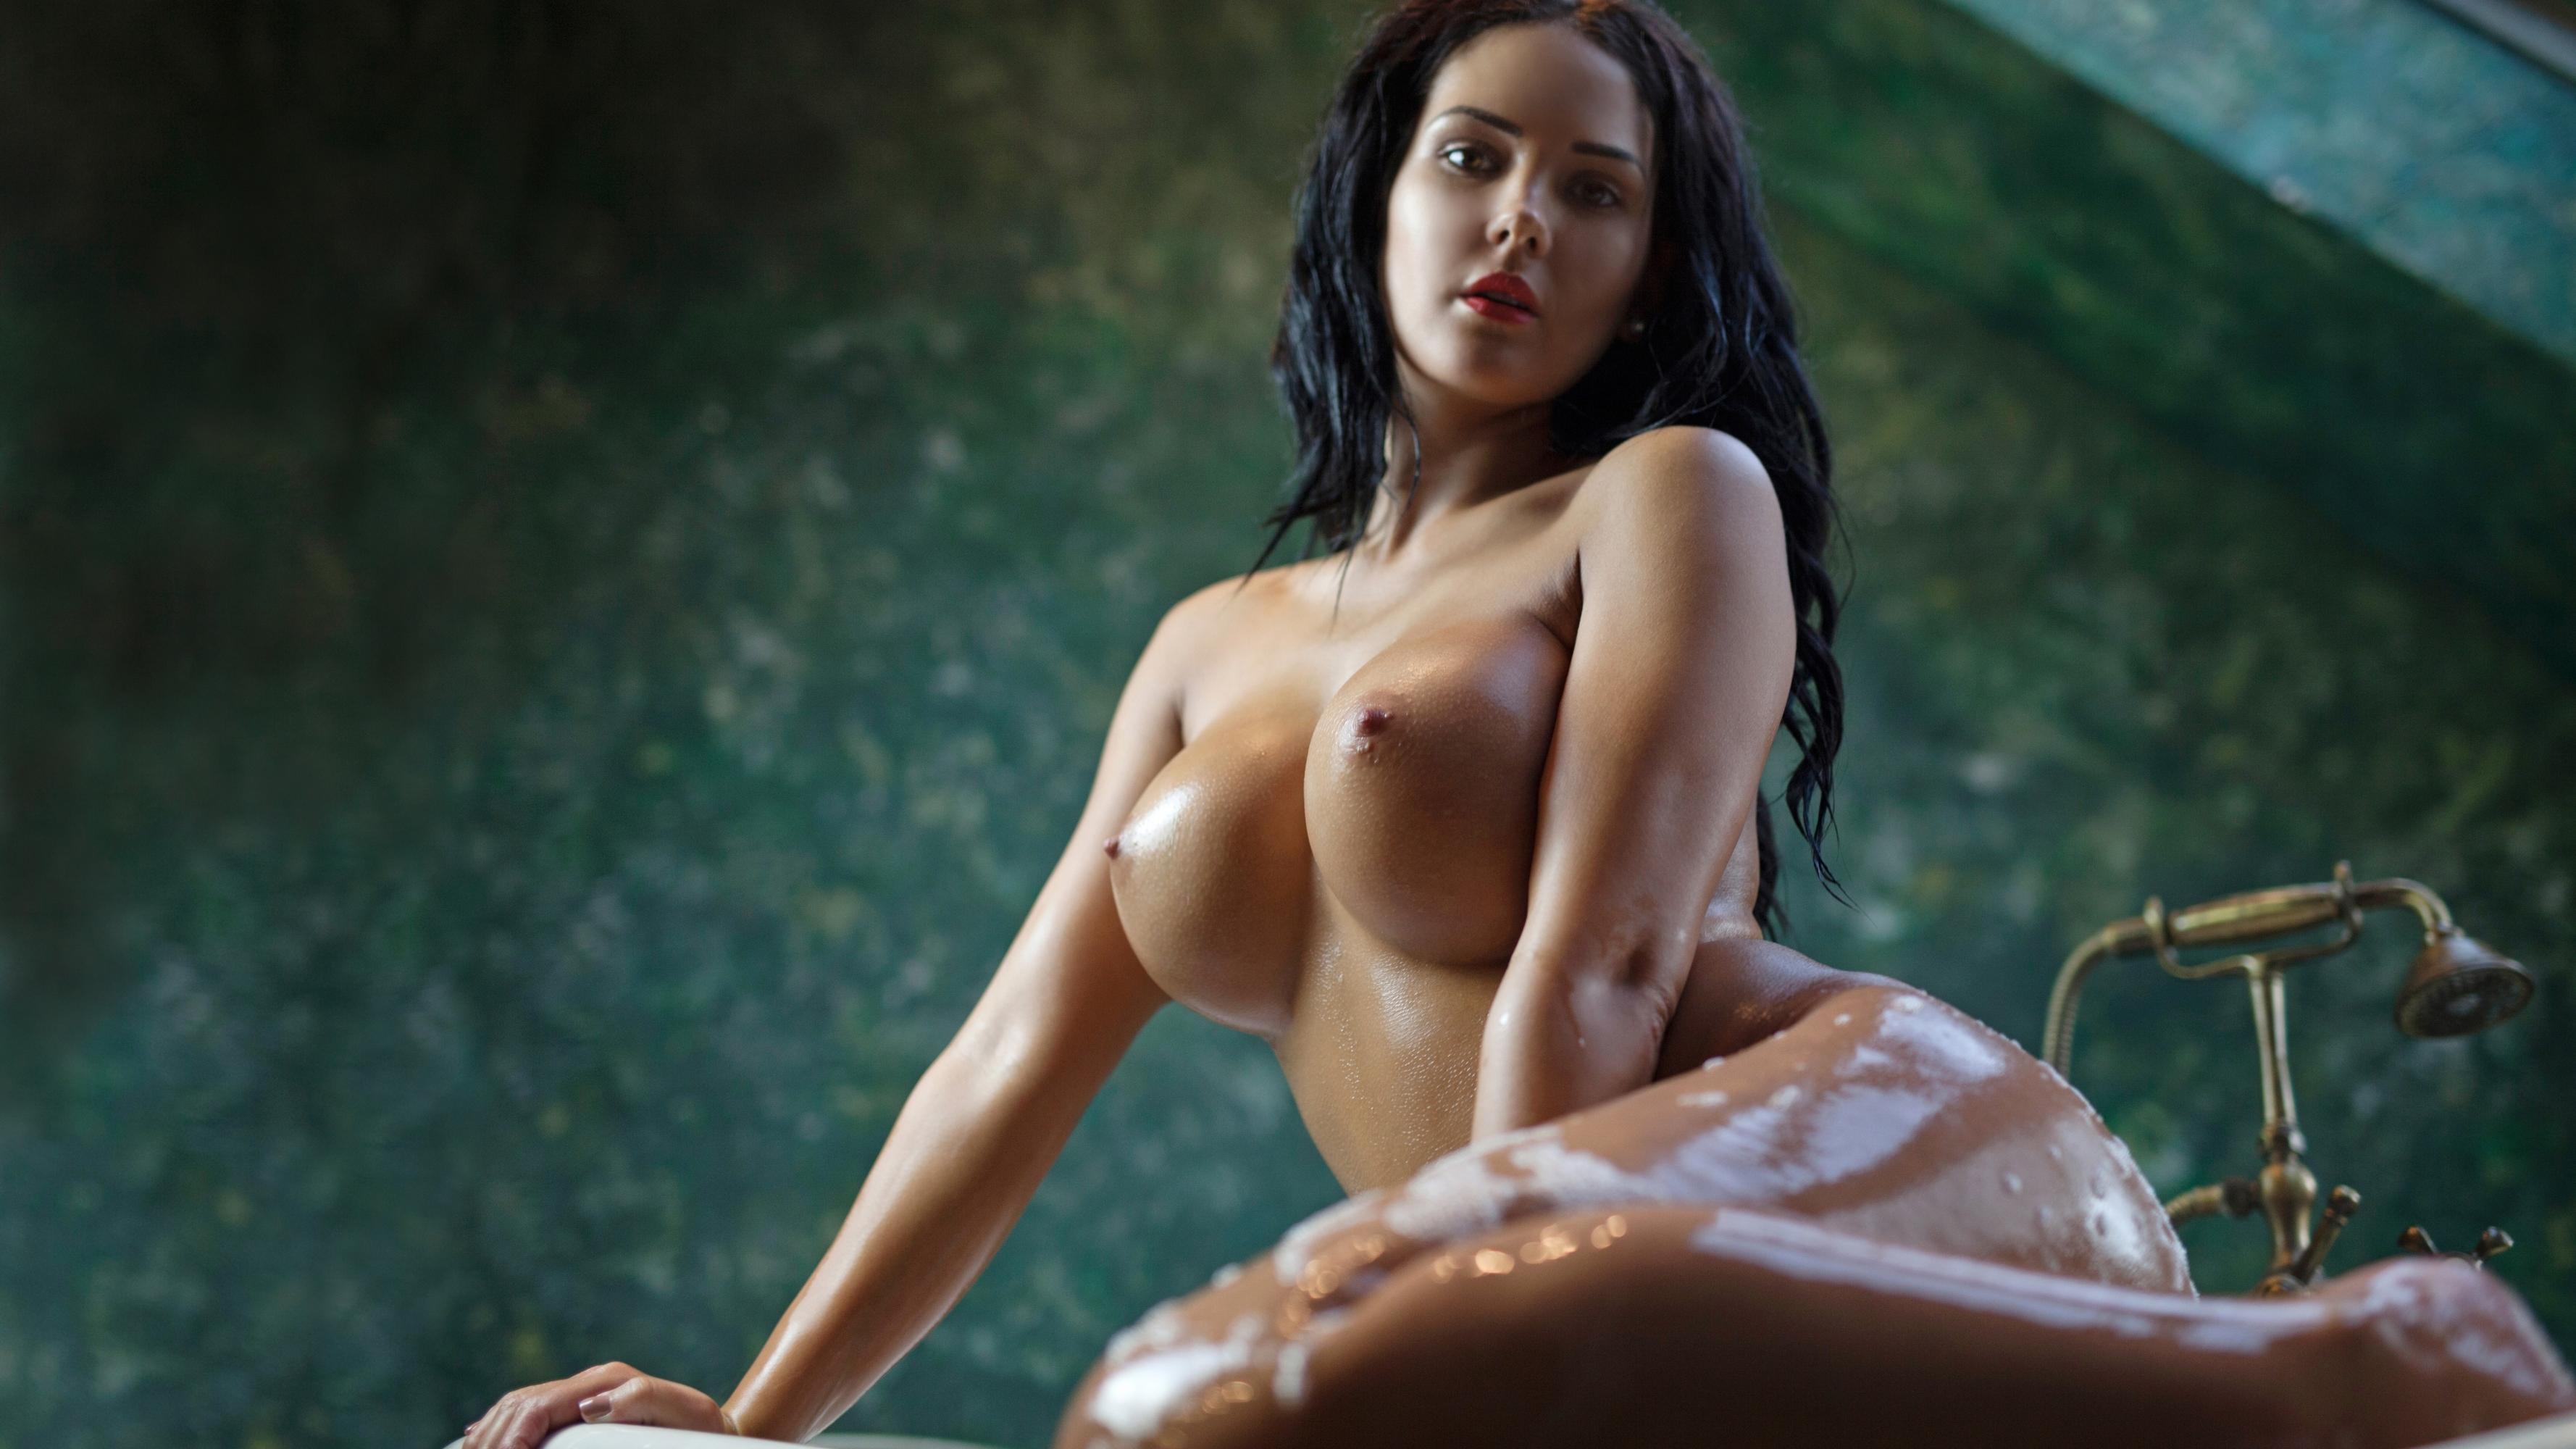 Wallpaper Kendra Roll, Brunette, Wet, Boobs, Big Boobs -5648